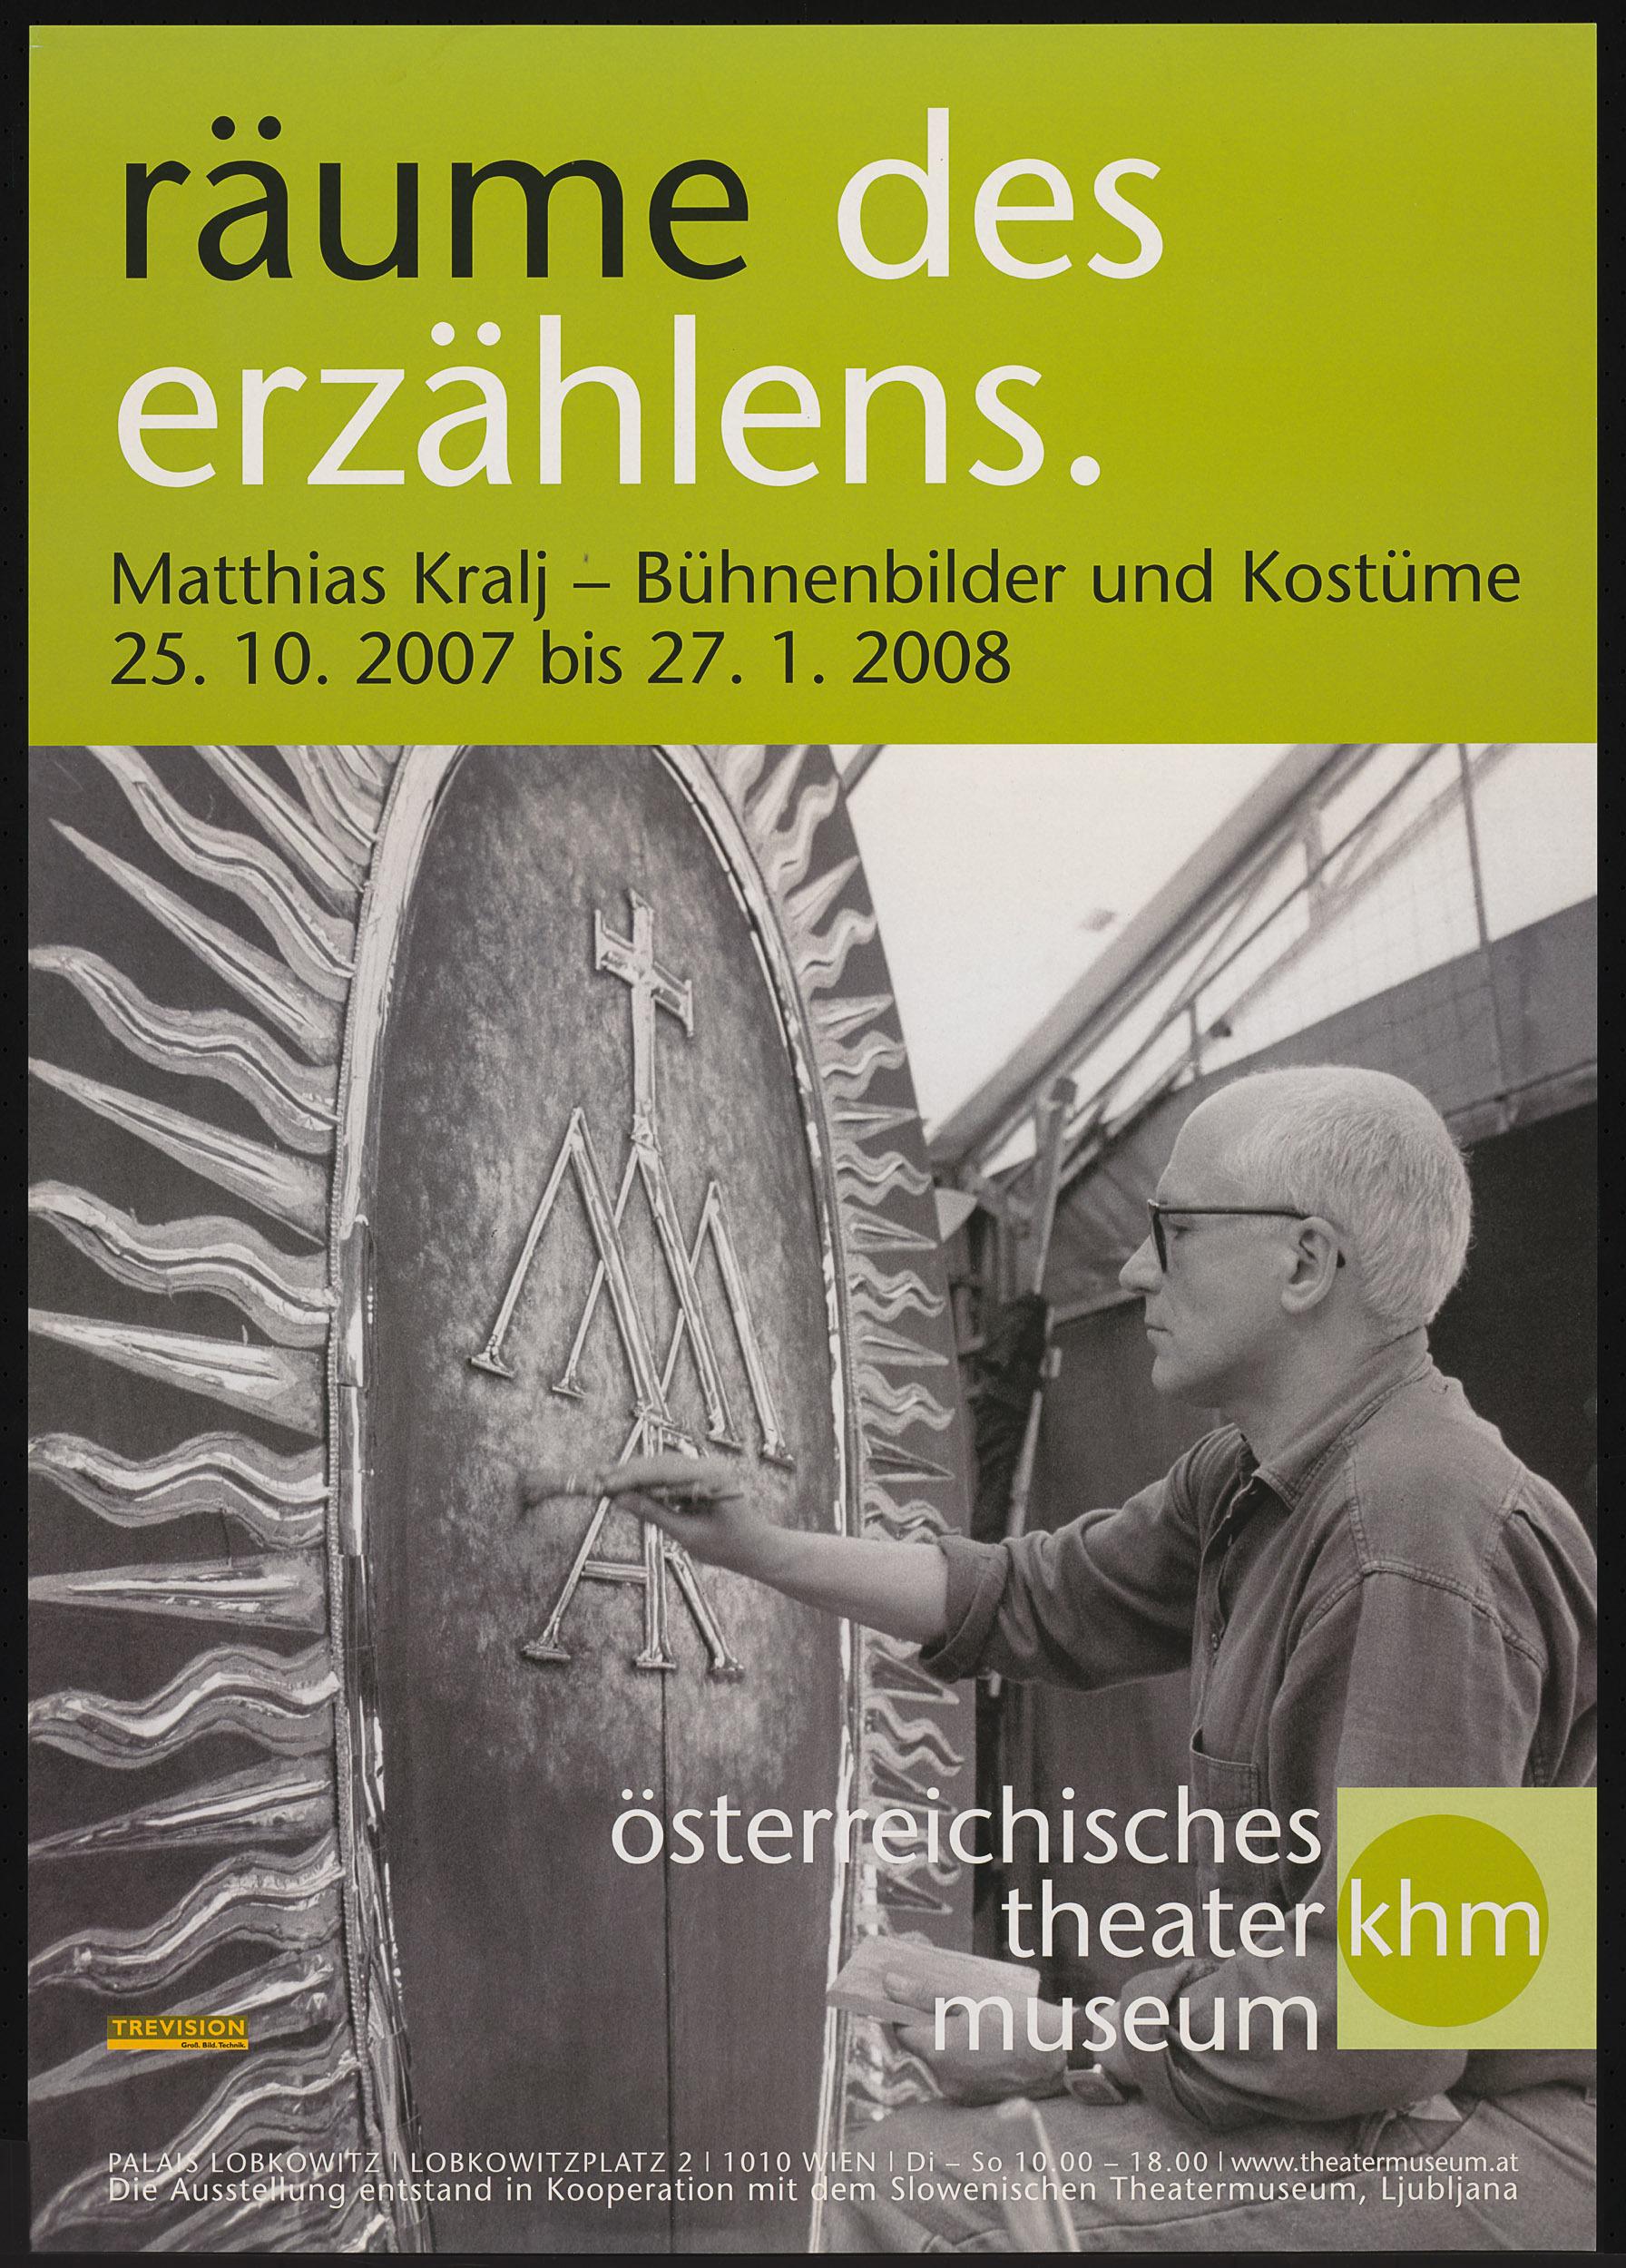 räume des erzählen. Martin Kralj - Bühnenbilder und Kostüme von Theatermuseum, Wien